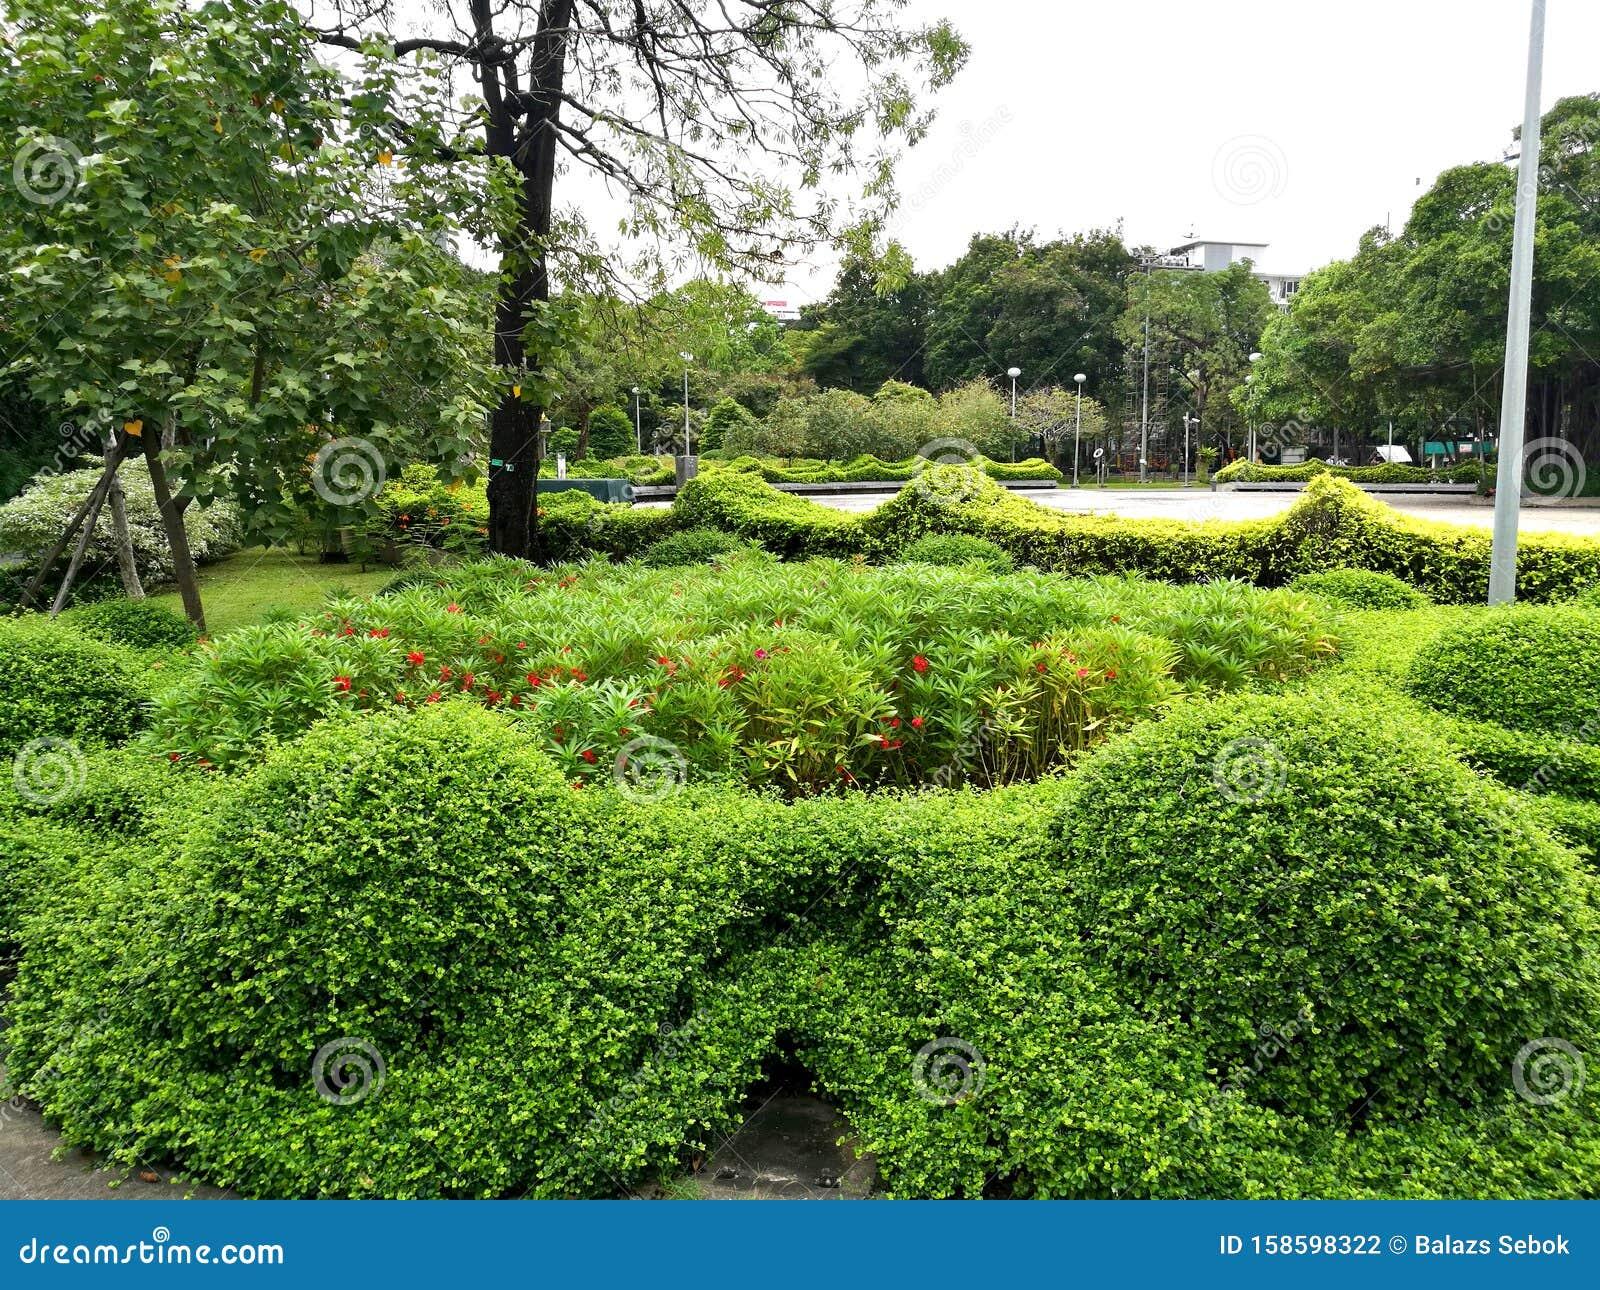 Bangkok - Santiphap Park Peace Park